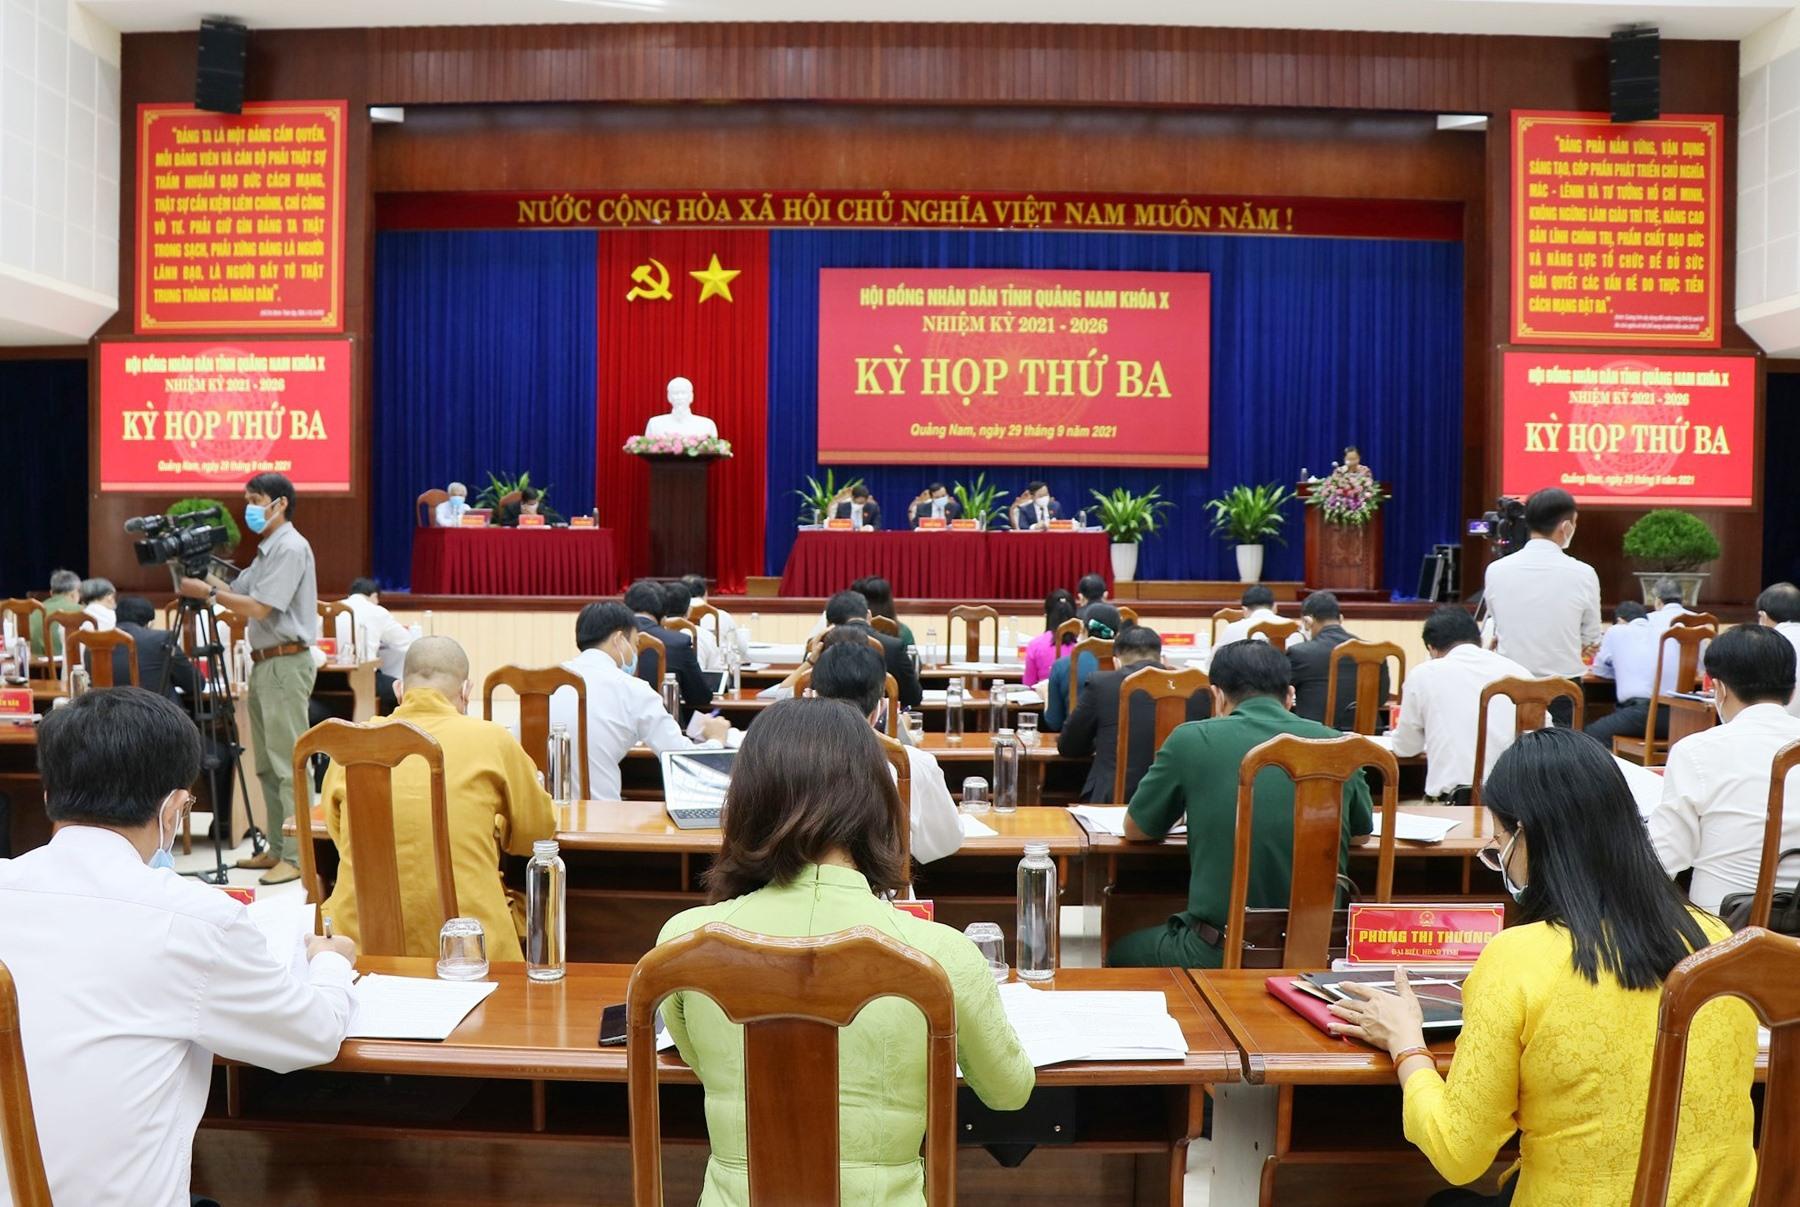 Đề án sẽ được các đại biểu HĐND tỉnh cho ý kiến tại Kỳ họp lần thứ Ba. Ảnh: D.L